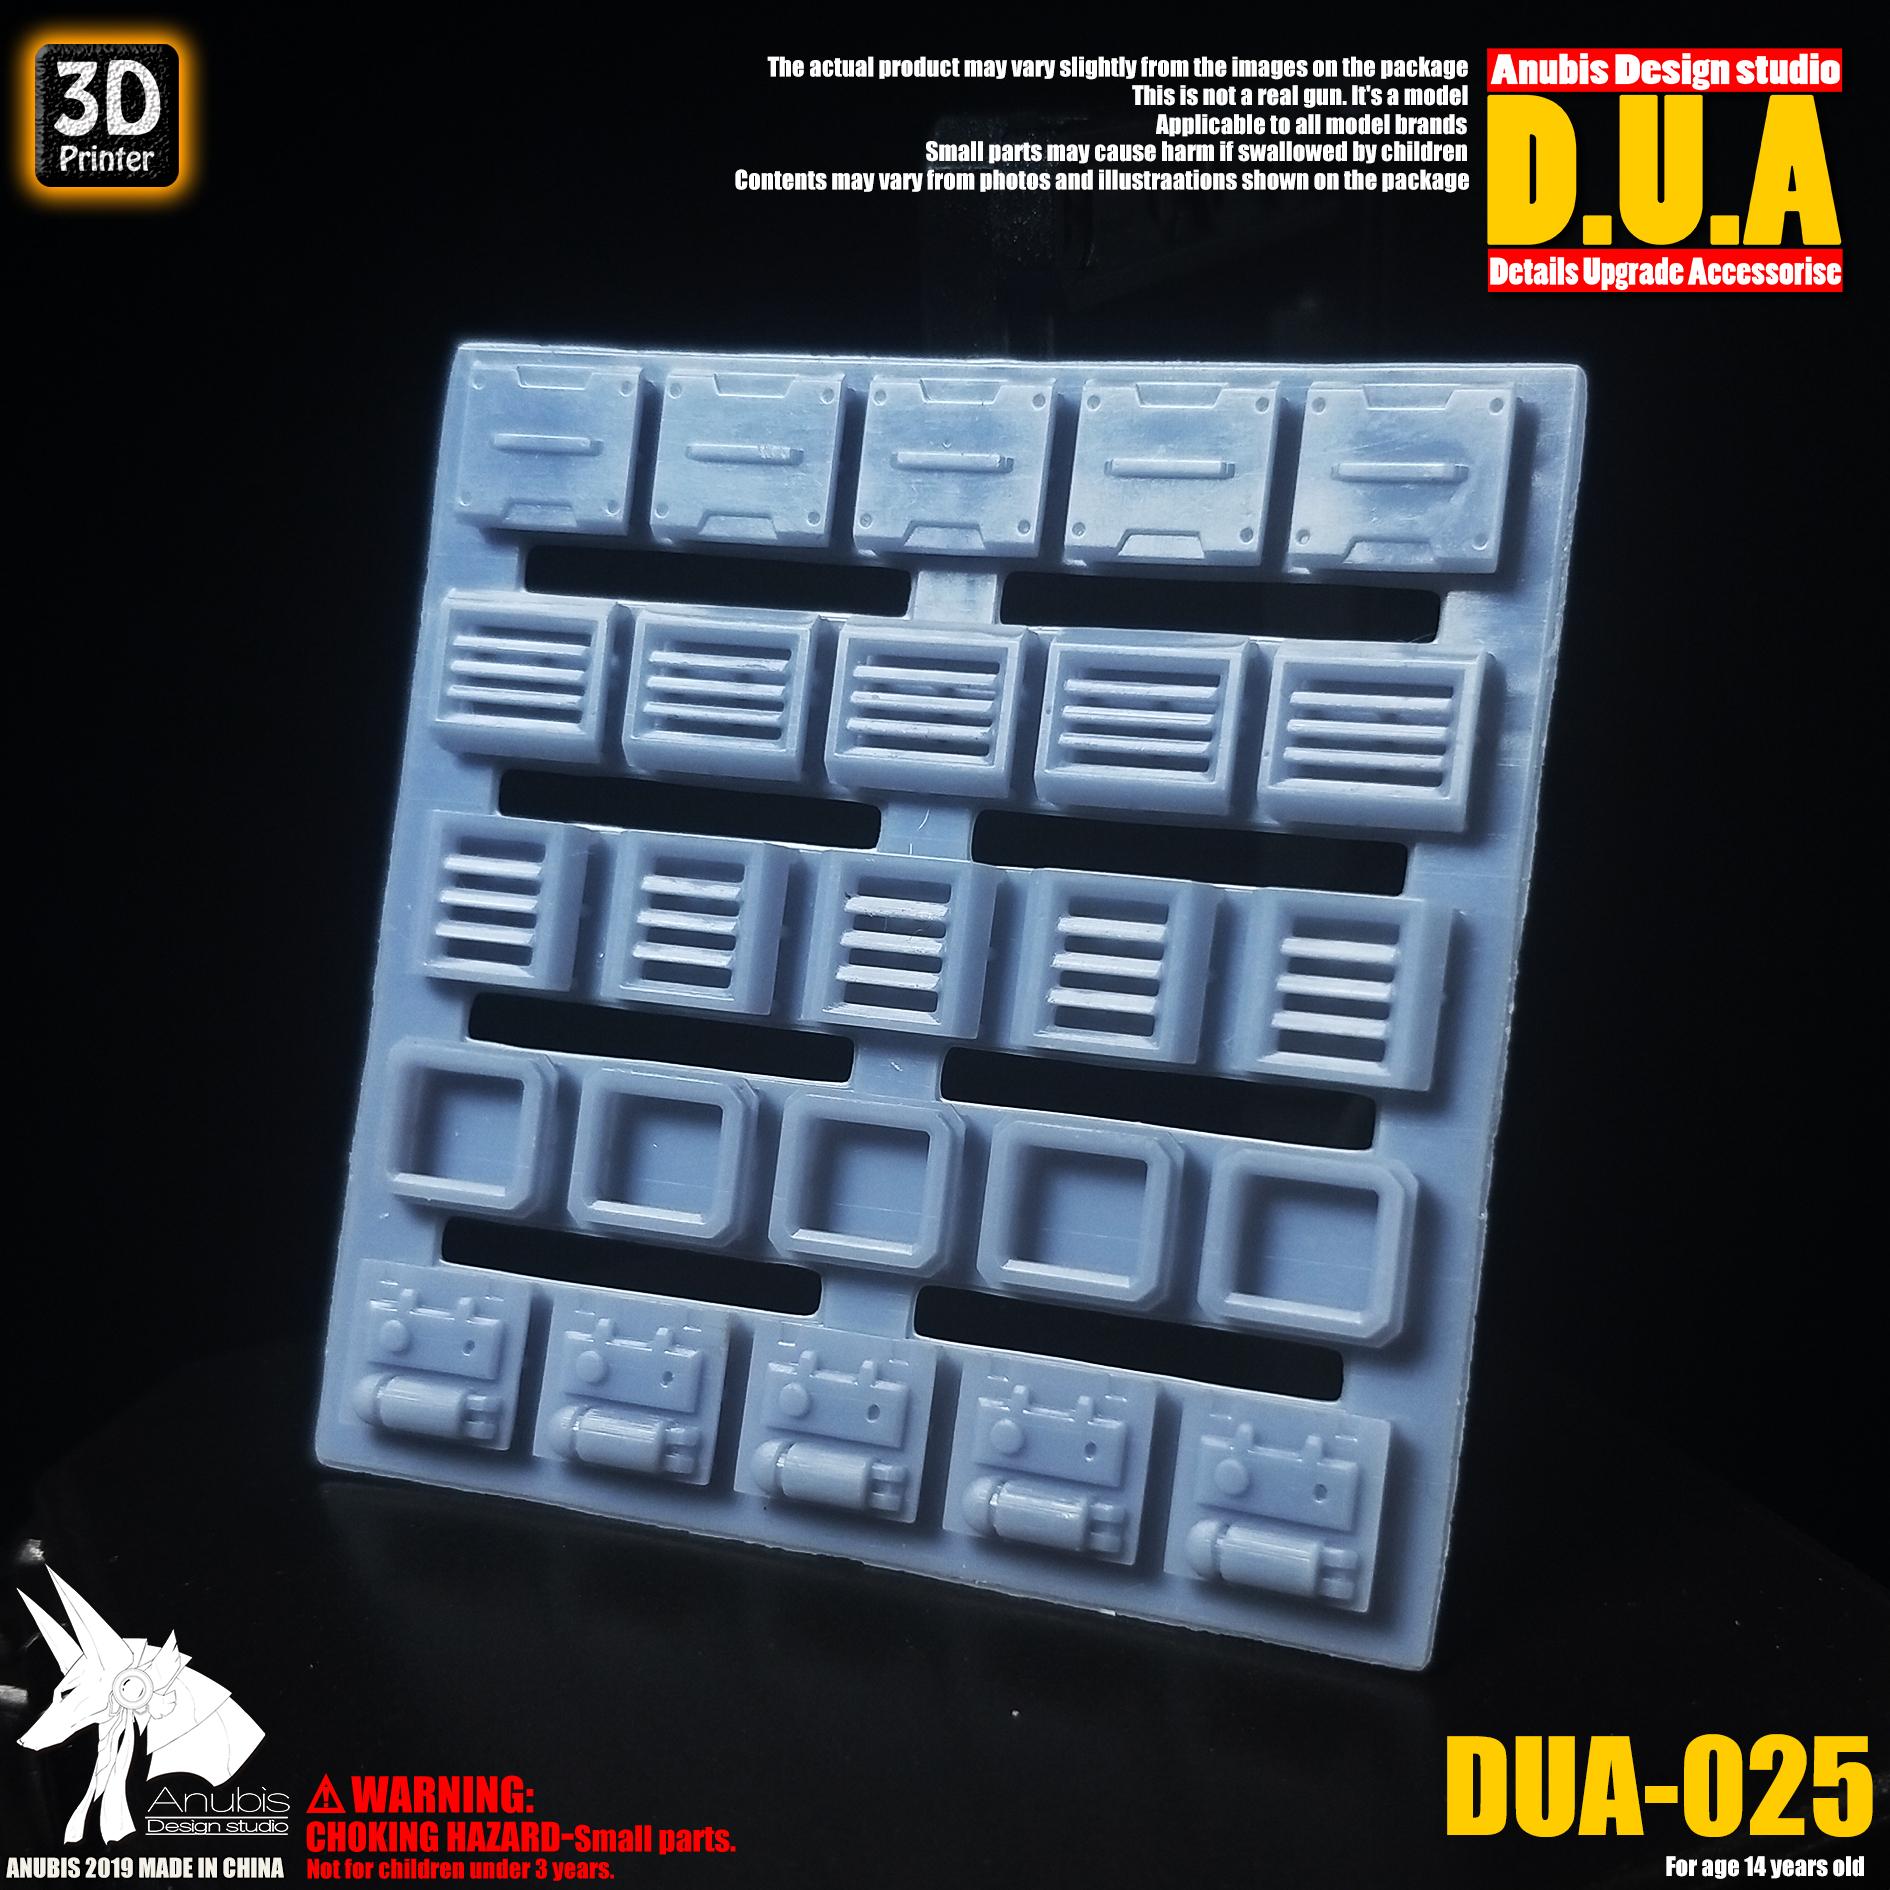 G413_DUA025_002.jpg